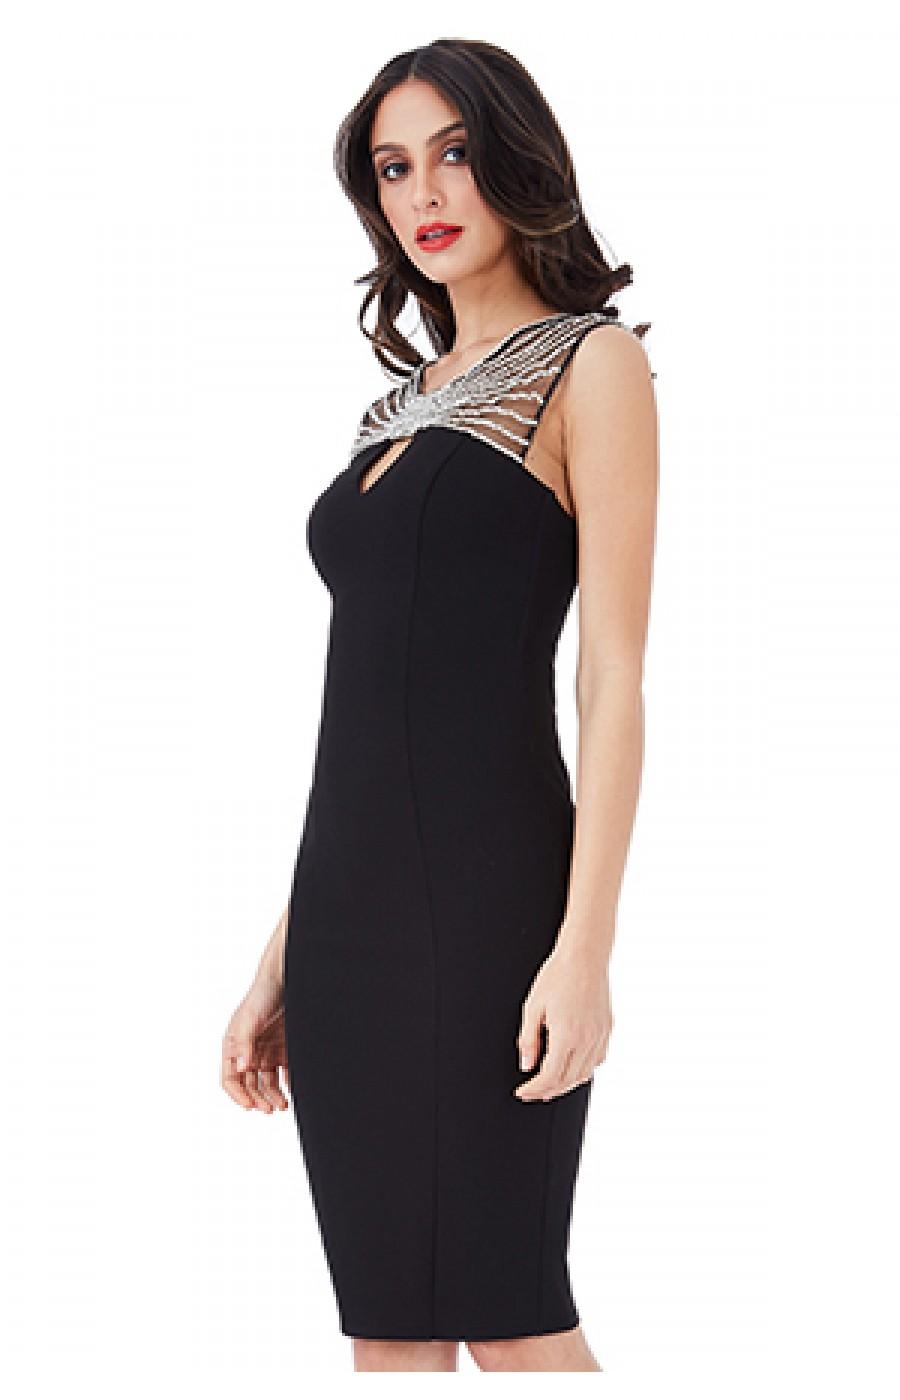 db90ca961738 Μαυρο μίντι φόρεμα με στρας κεντημα στο λαιμο